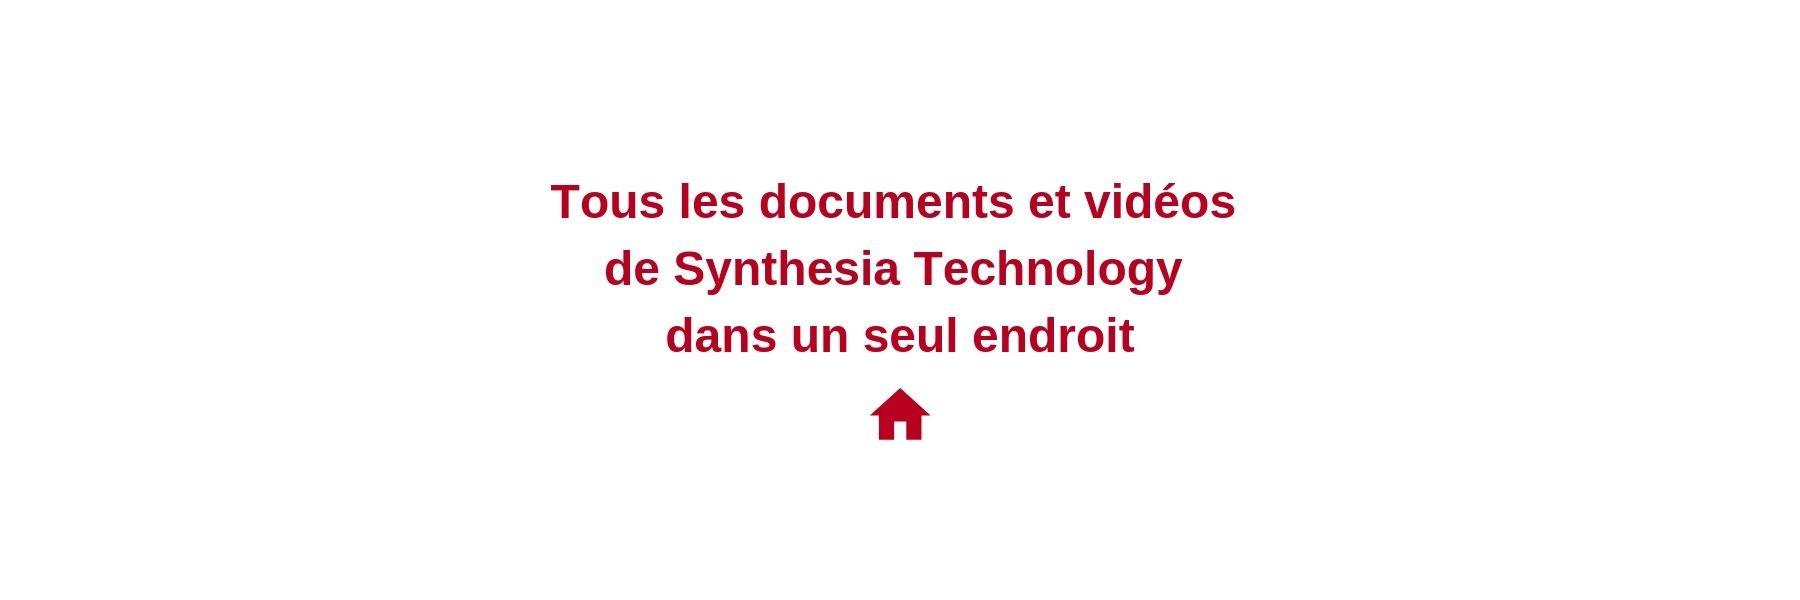 Tous les documents et vidéos de Synthesia Technology dans un seul endroit